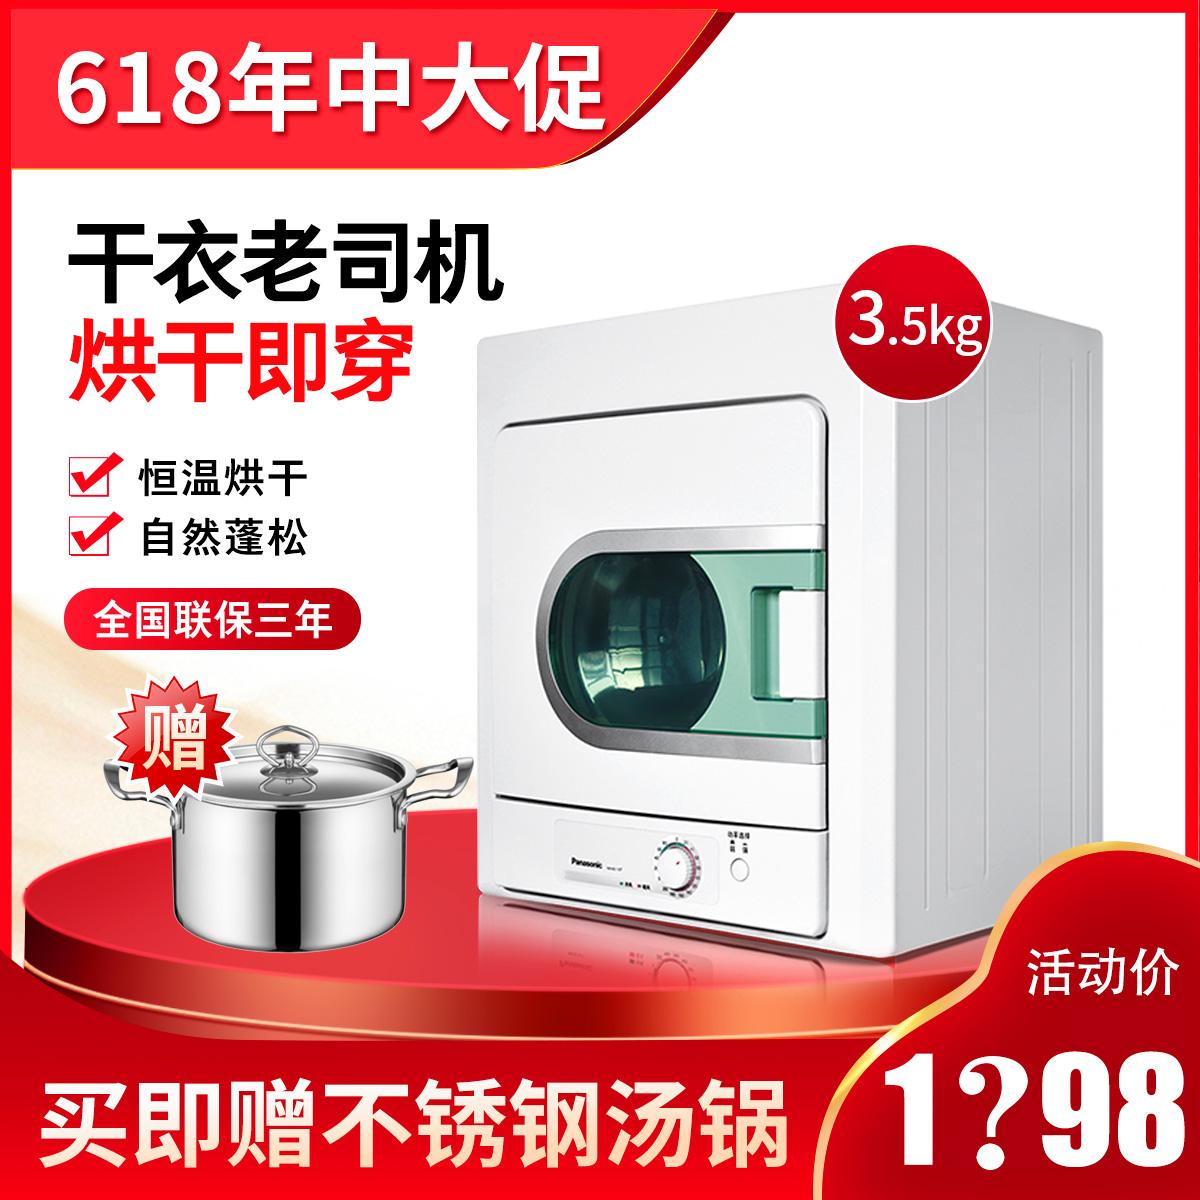 Panasonic/松下 NH35-31T乾衣機衣服烘乾機滾筒式家用烘衣機3.5KG